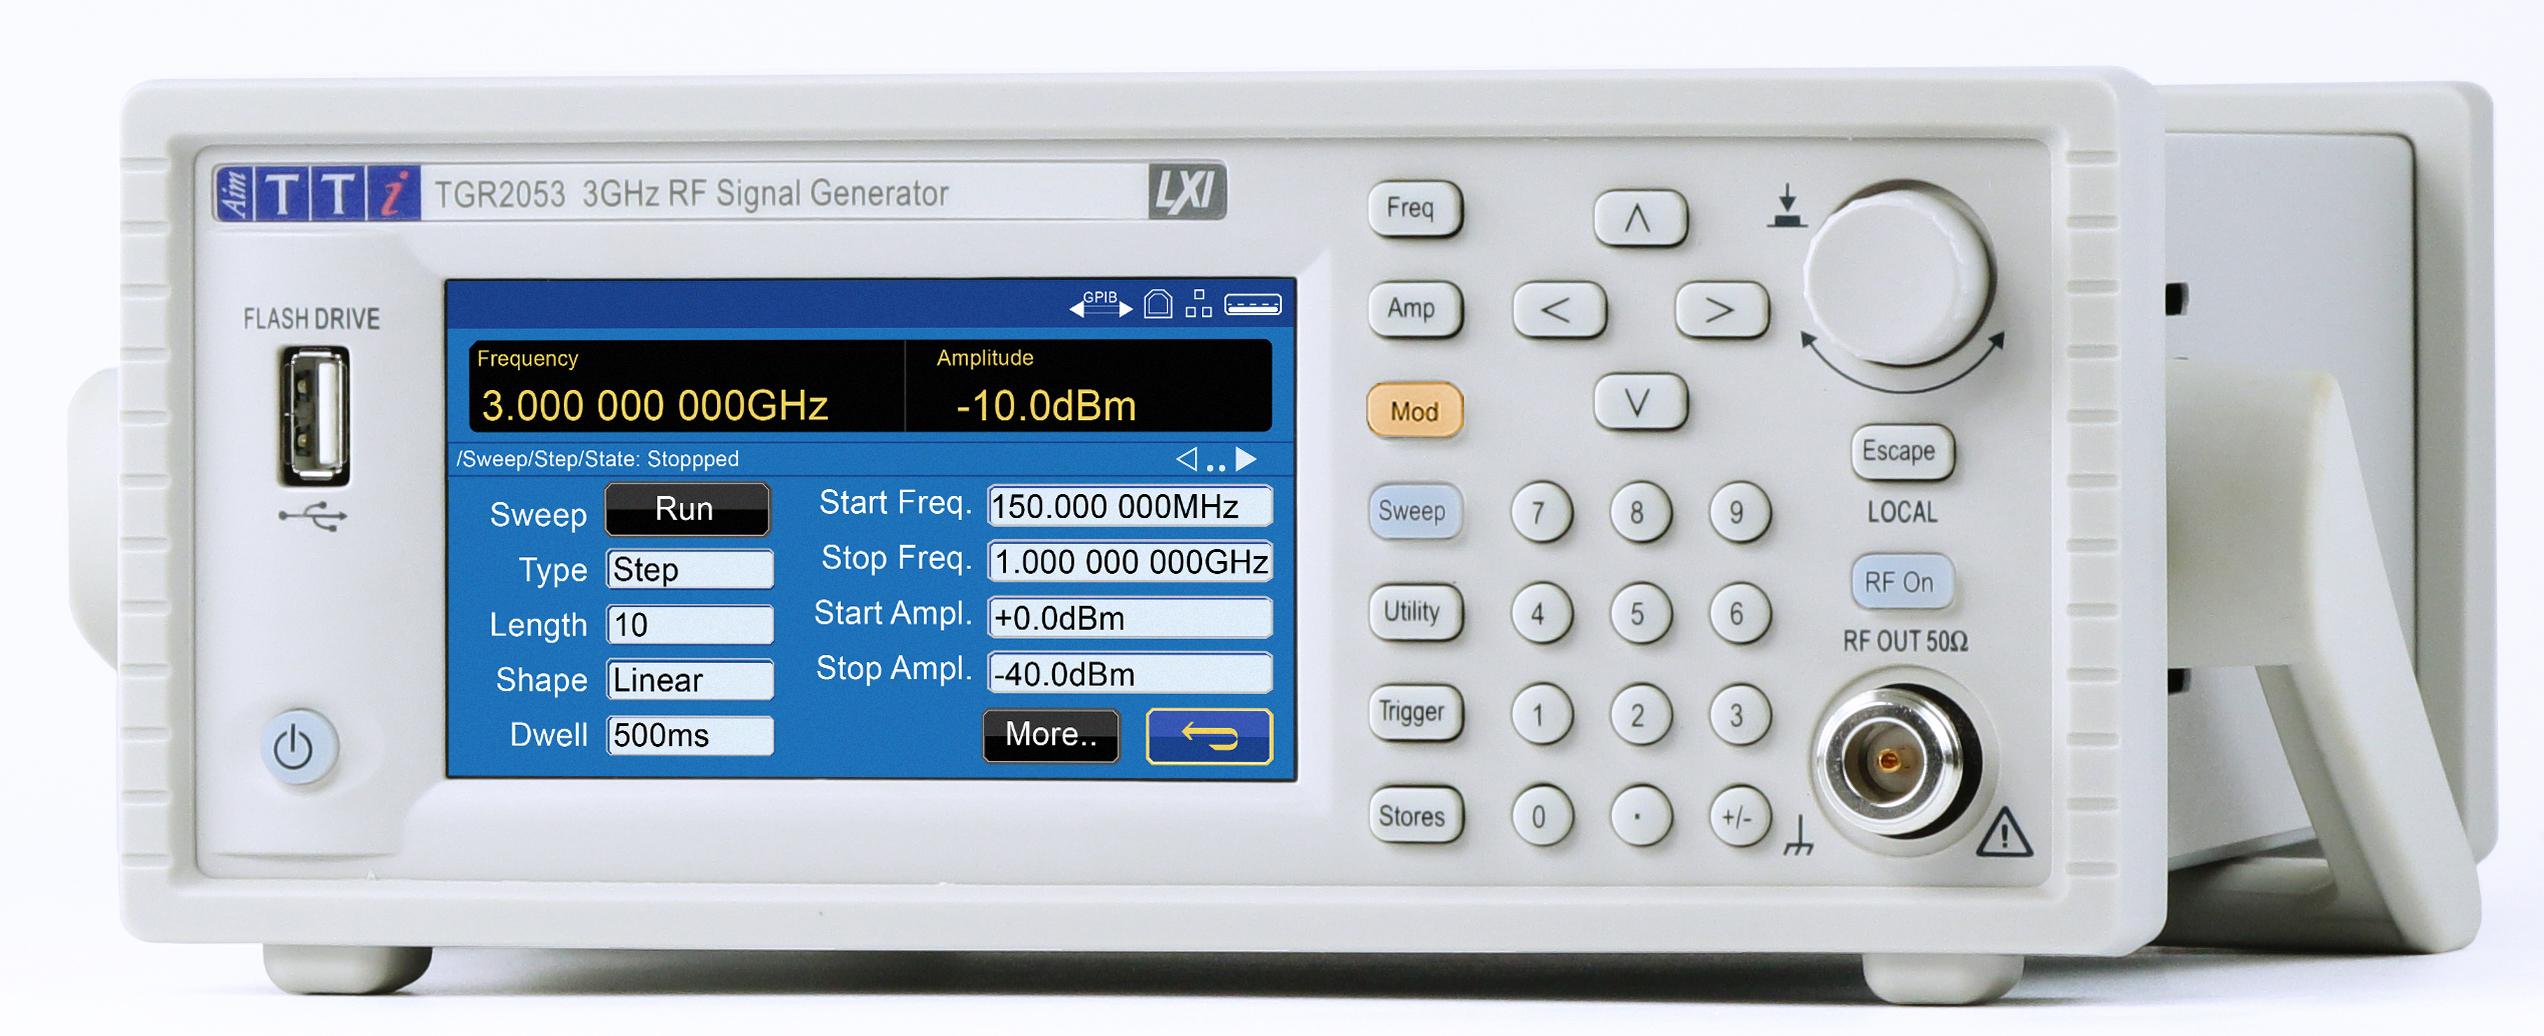 Next Generation Aim-TTi 1.5/3GHz RF Signal Generators